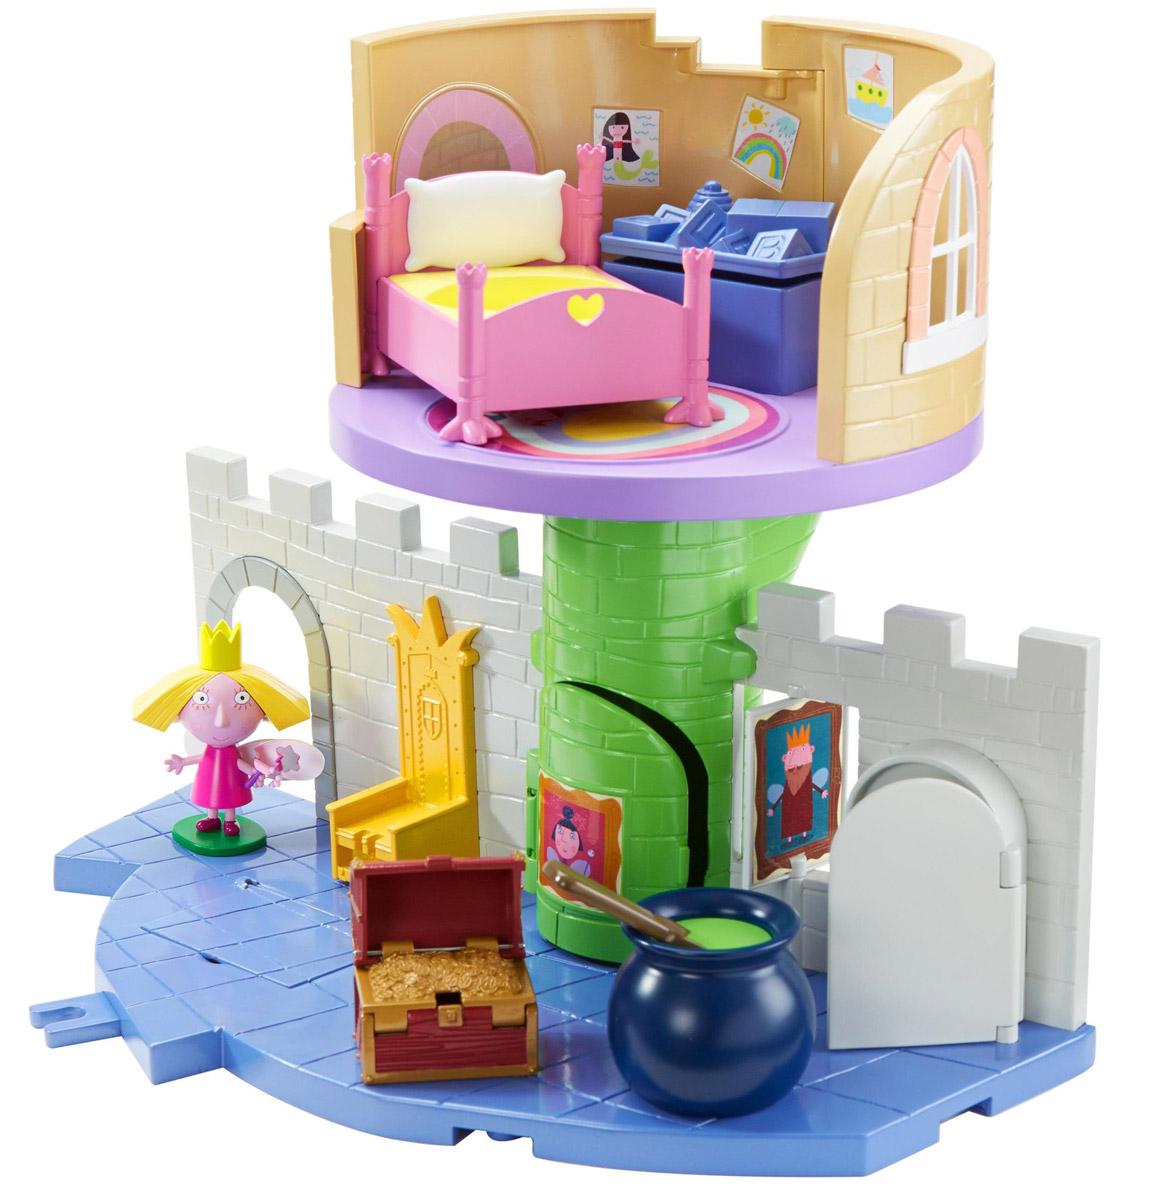 Ben&Holly Дом для кукол Волшебный замок elc дом для кукол сказочный замок с персонажами